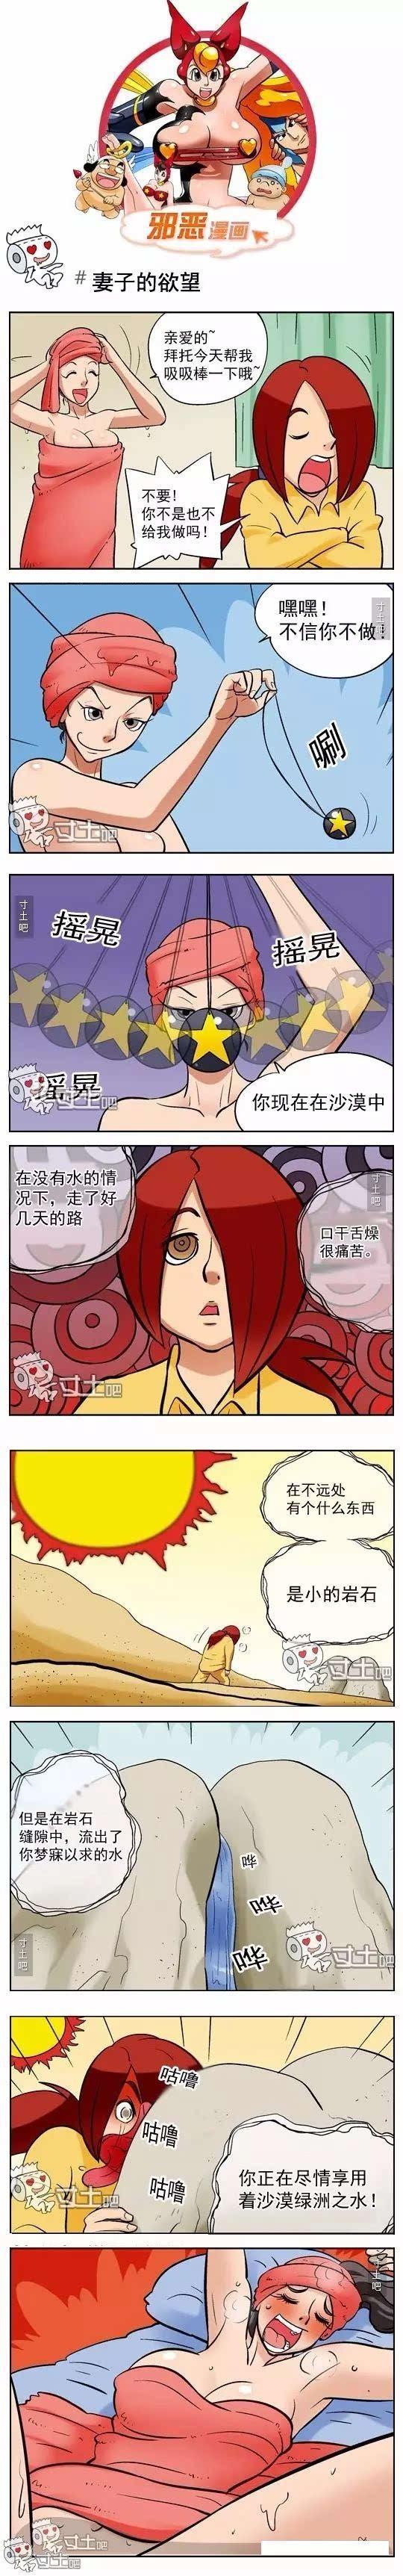 【邪恶漫画】催眠后变得很厉害.